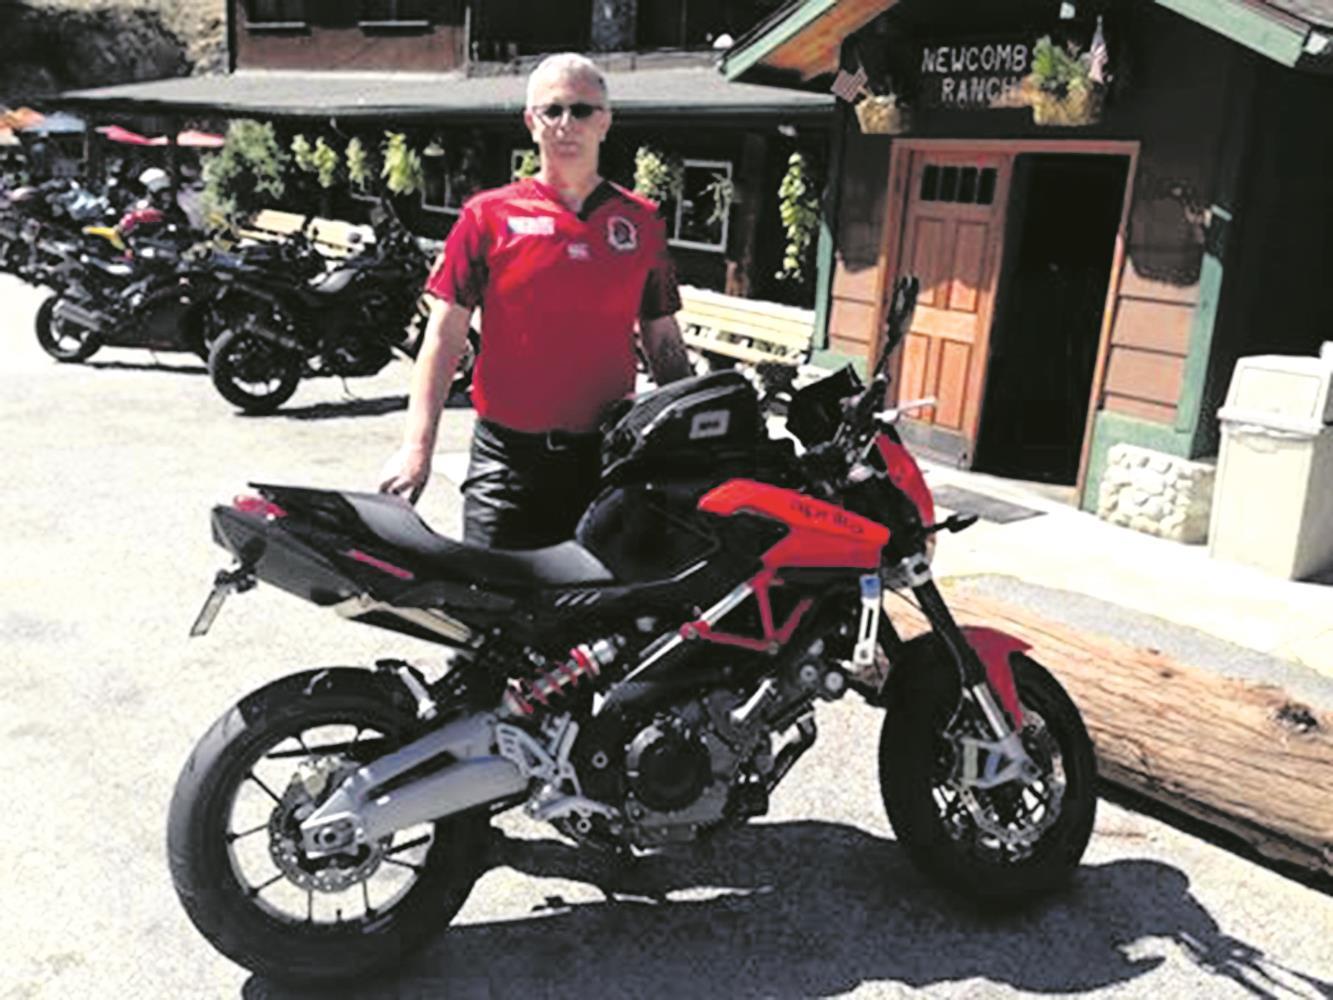 Malcolm with his Aprilia Shiver 750